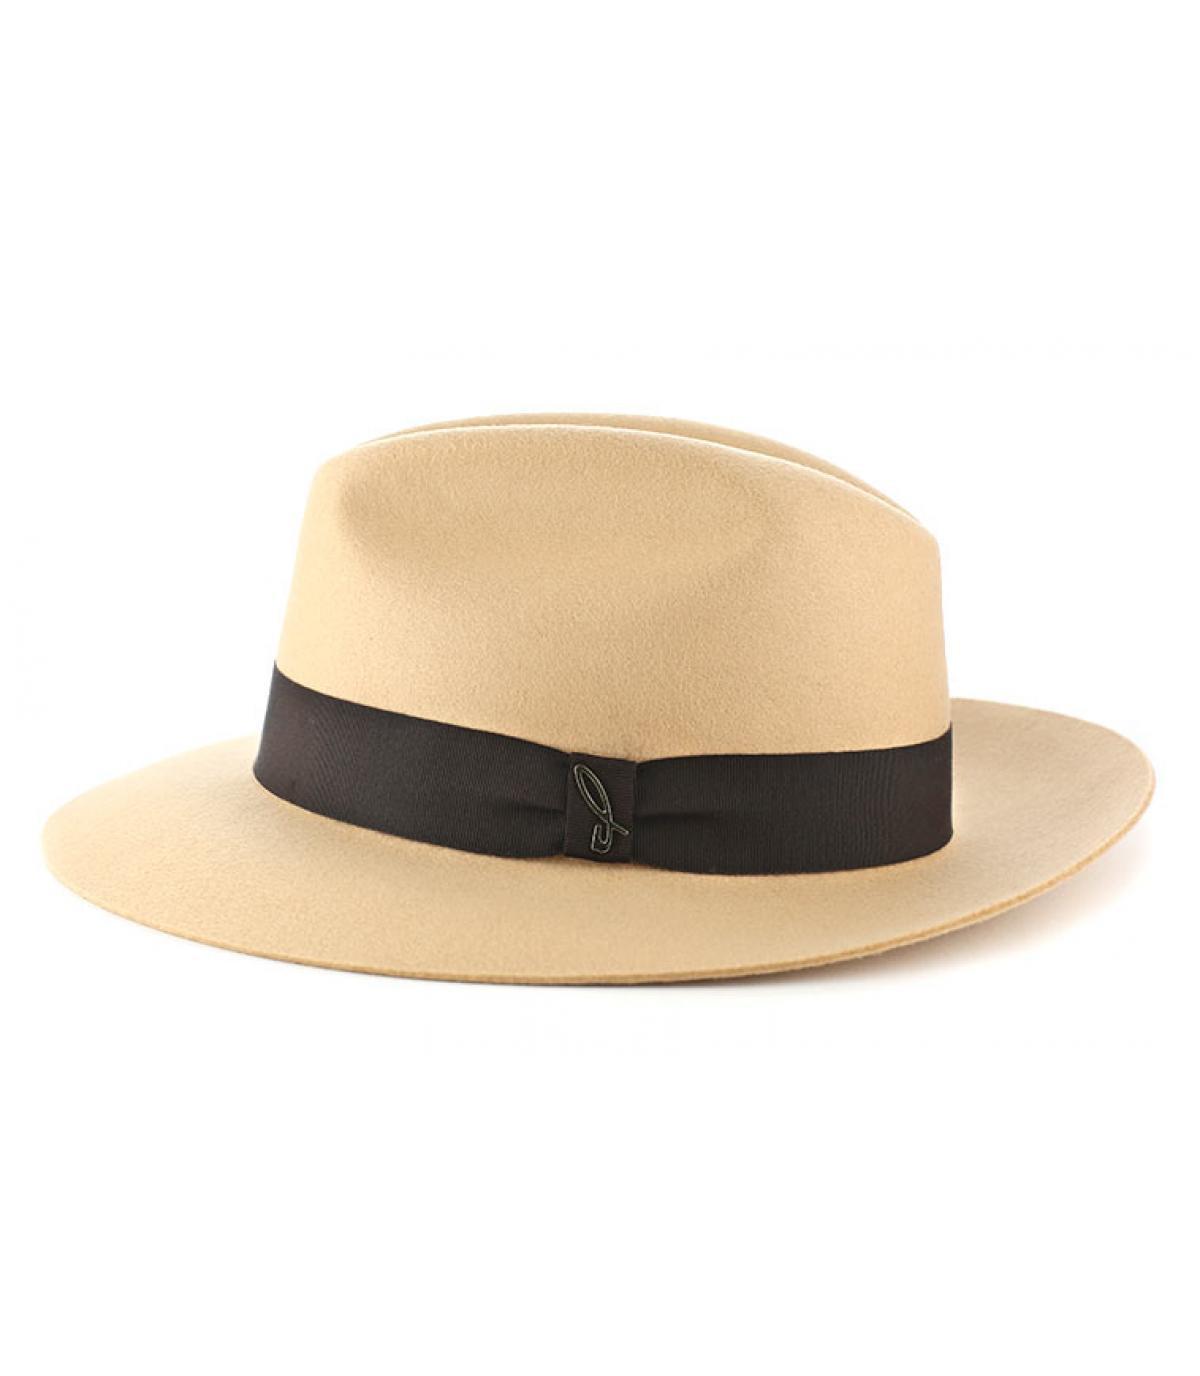 Cappello feutre Doria beige